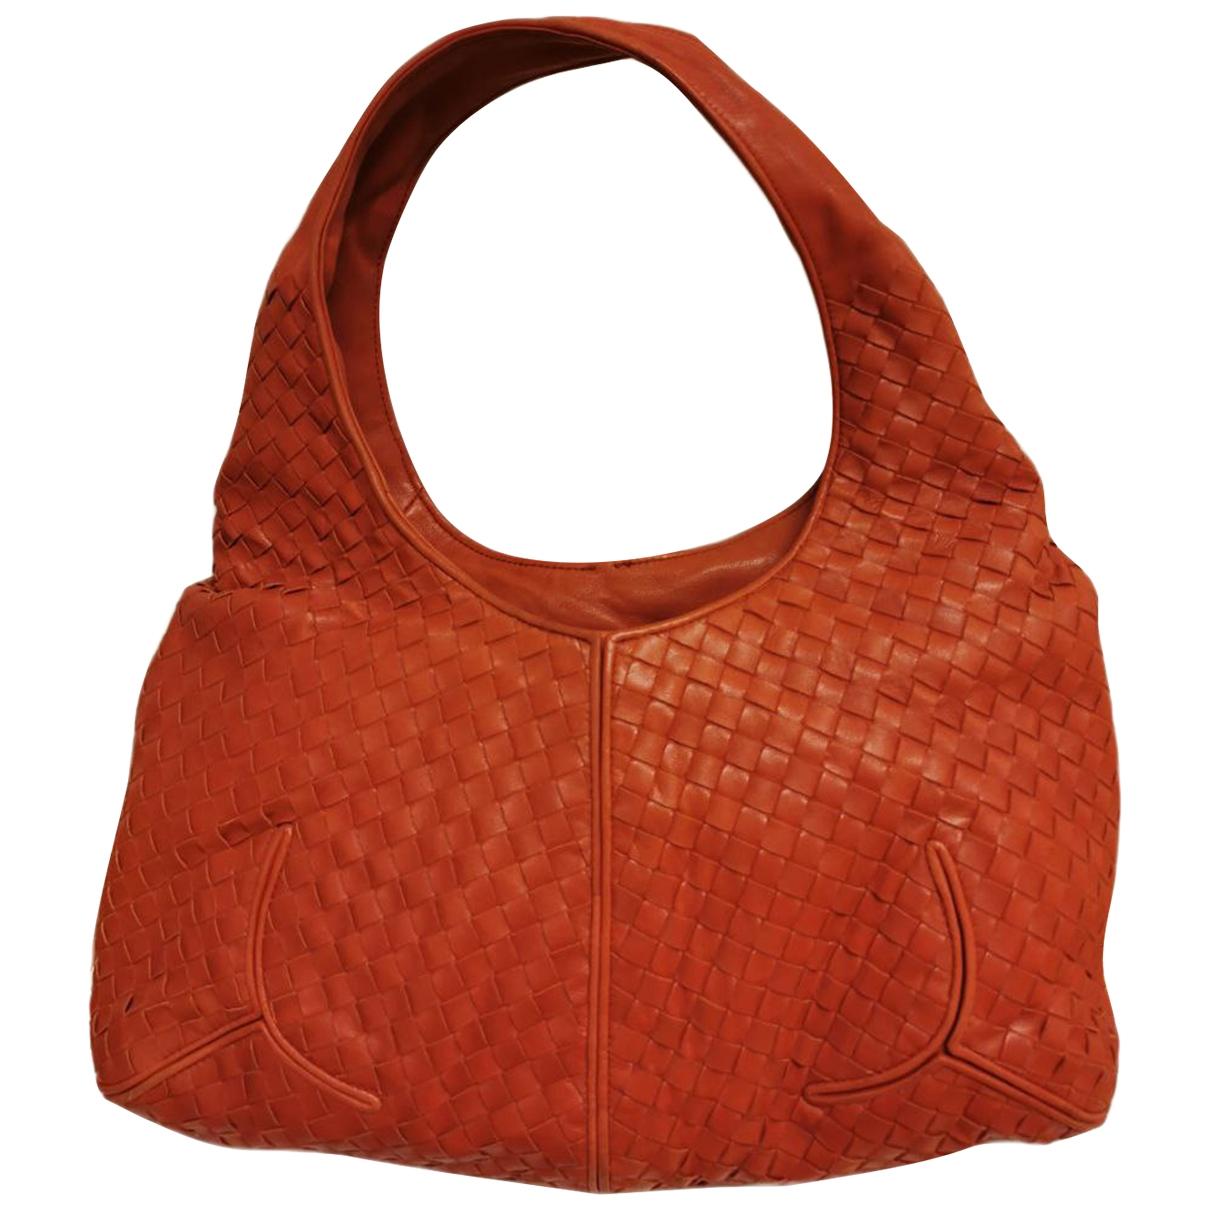 Bottega Veneta \N Orange Leather handbag for Women \N